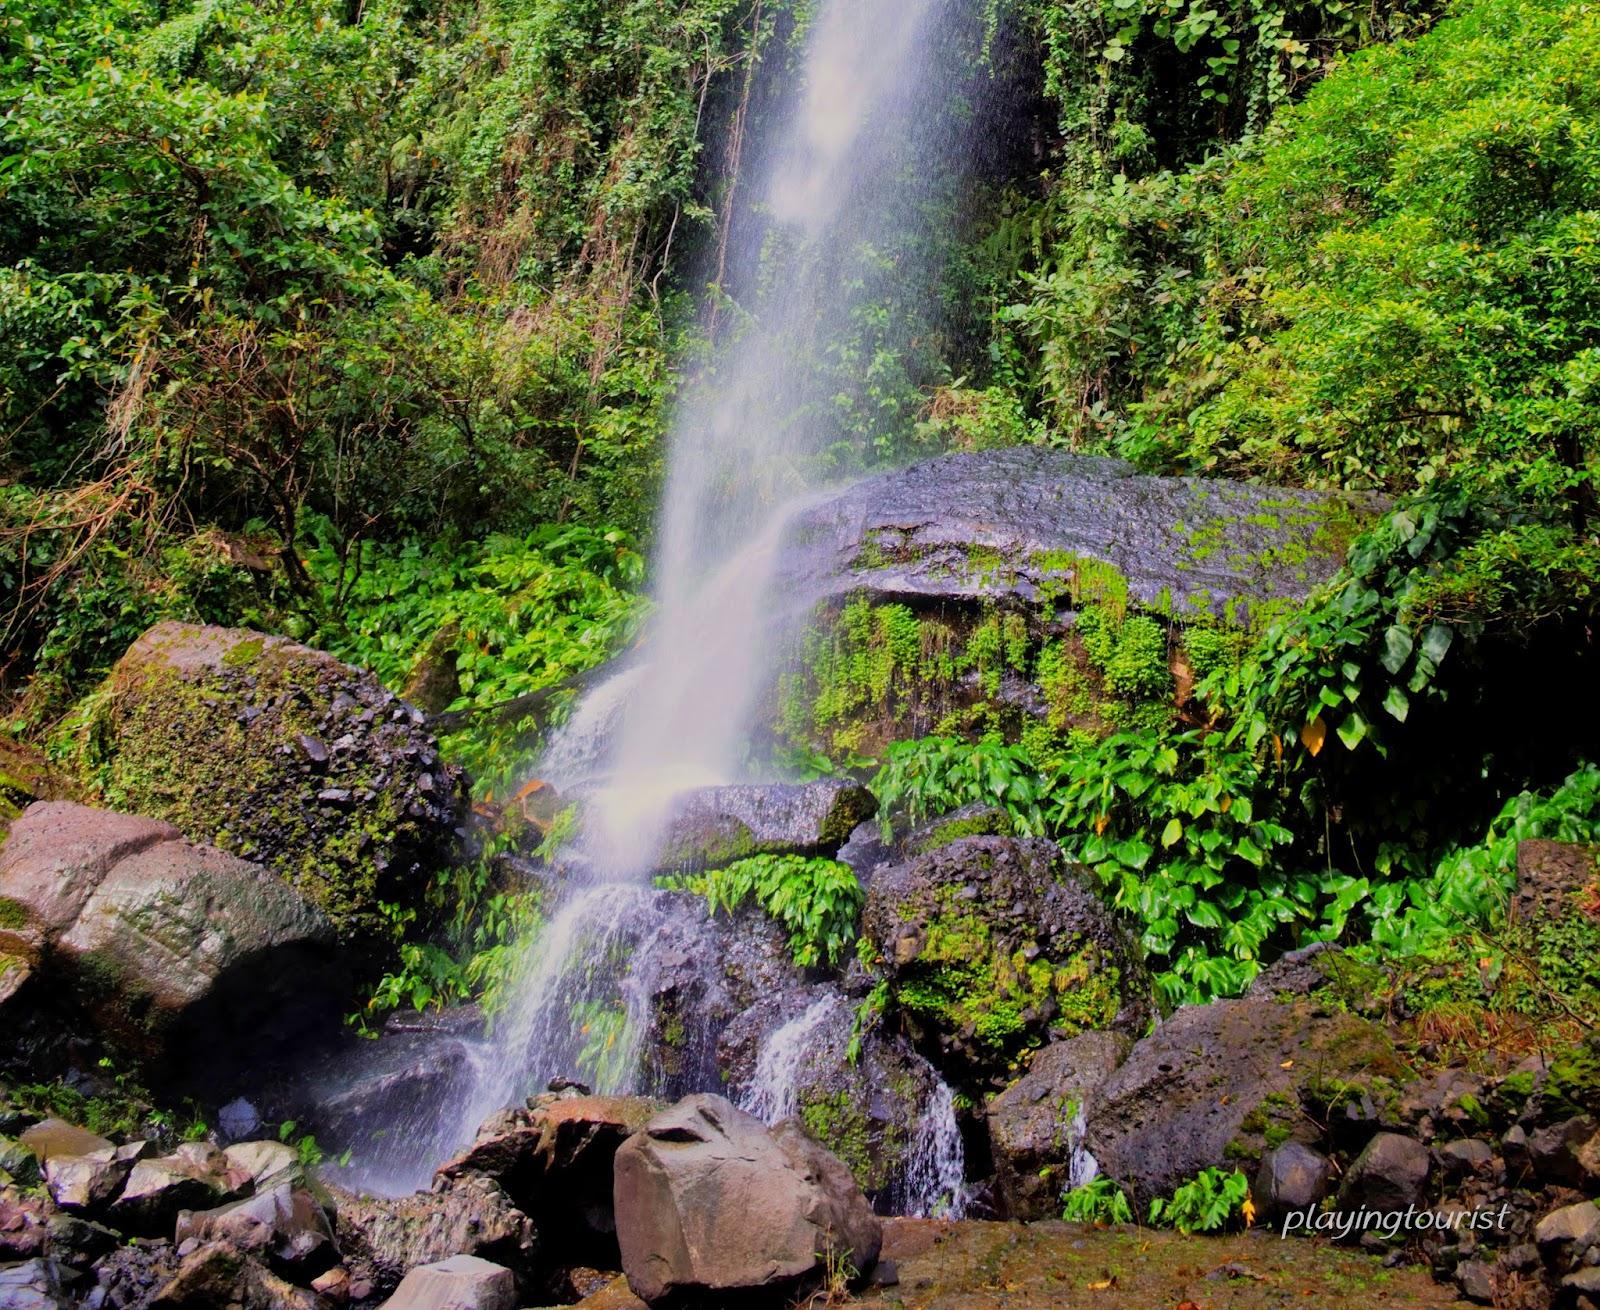 capistrano falls